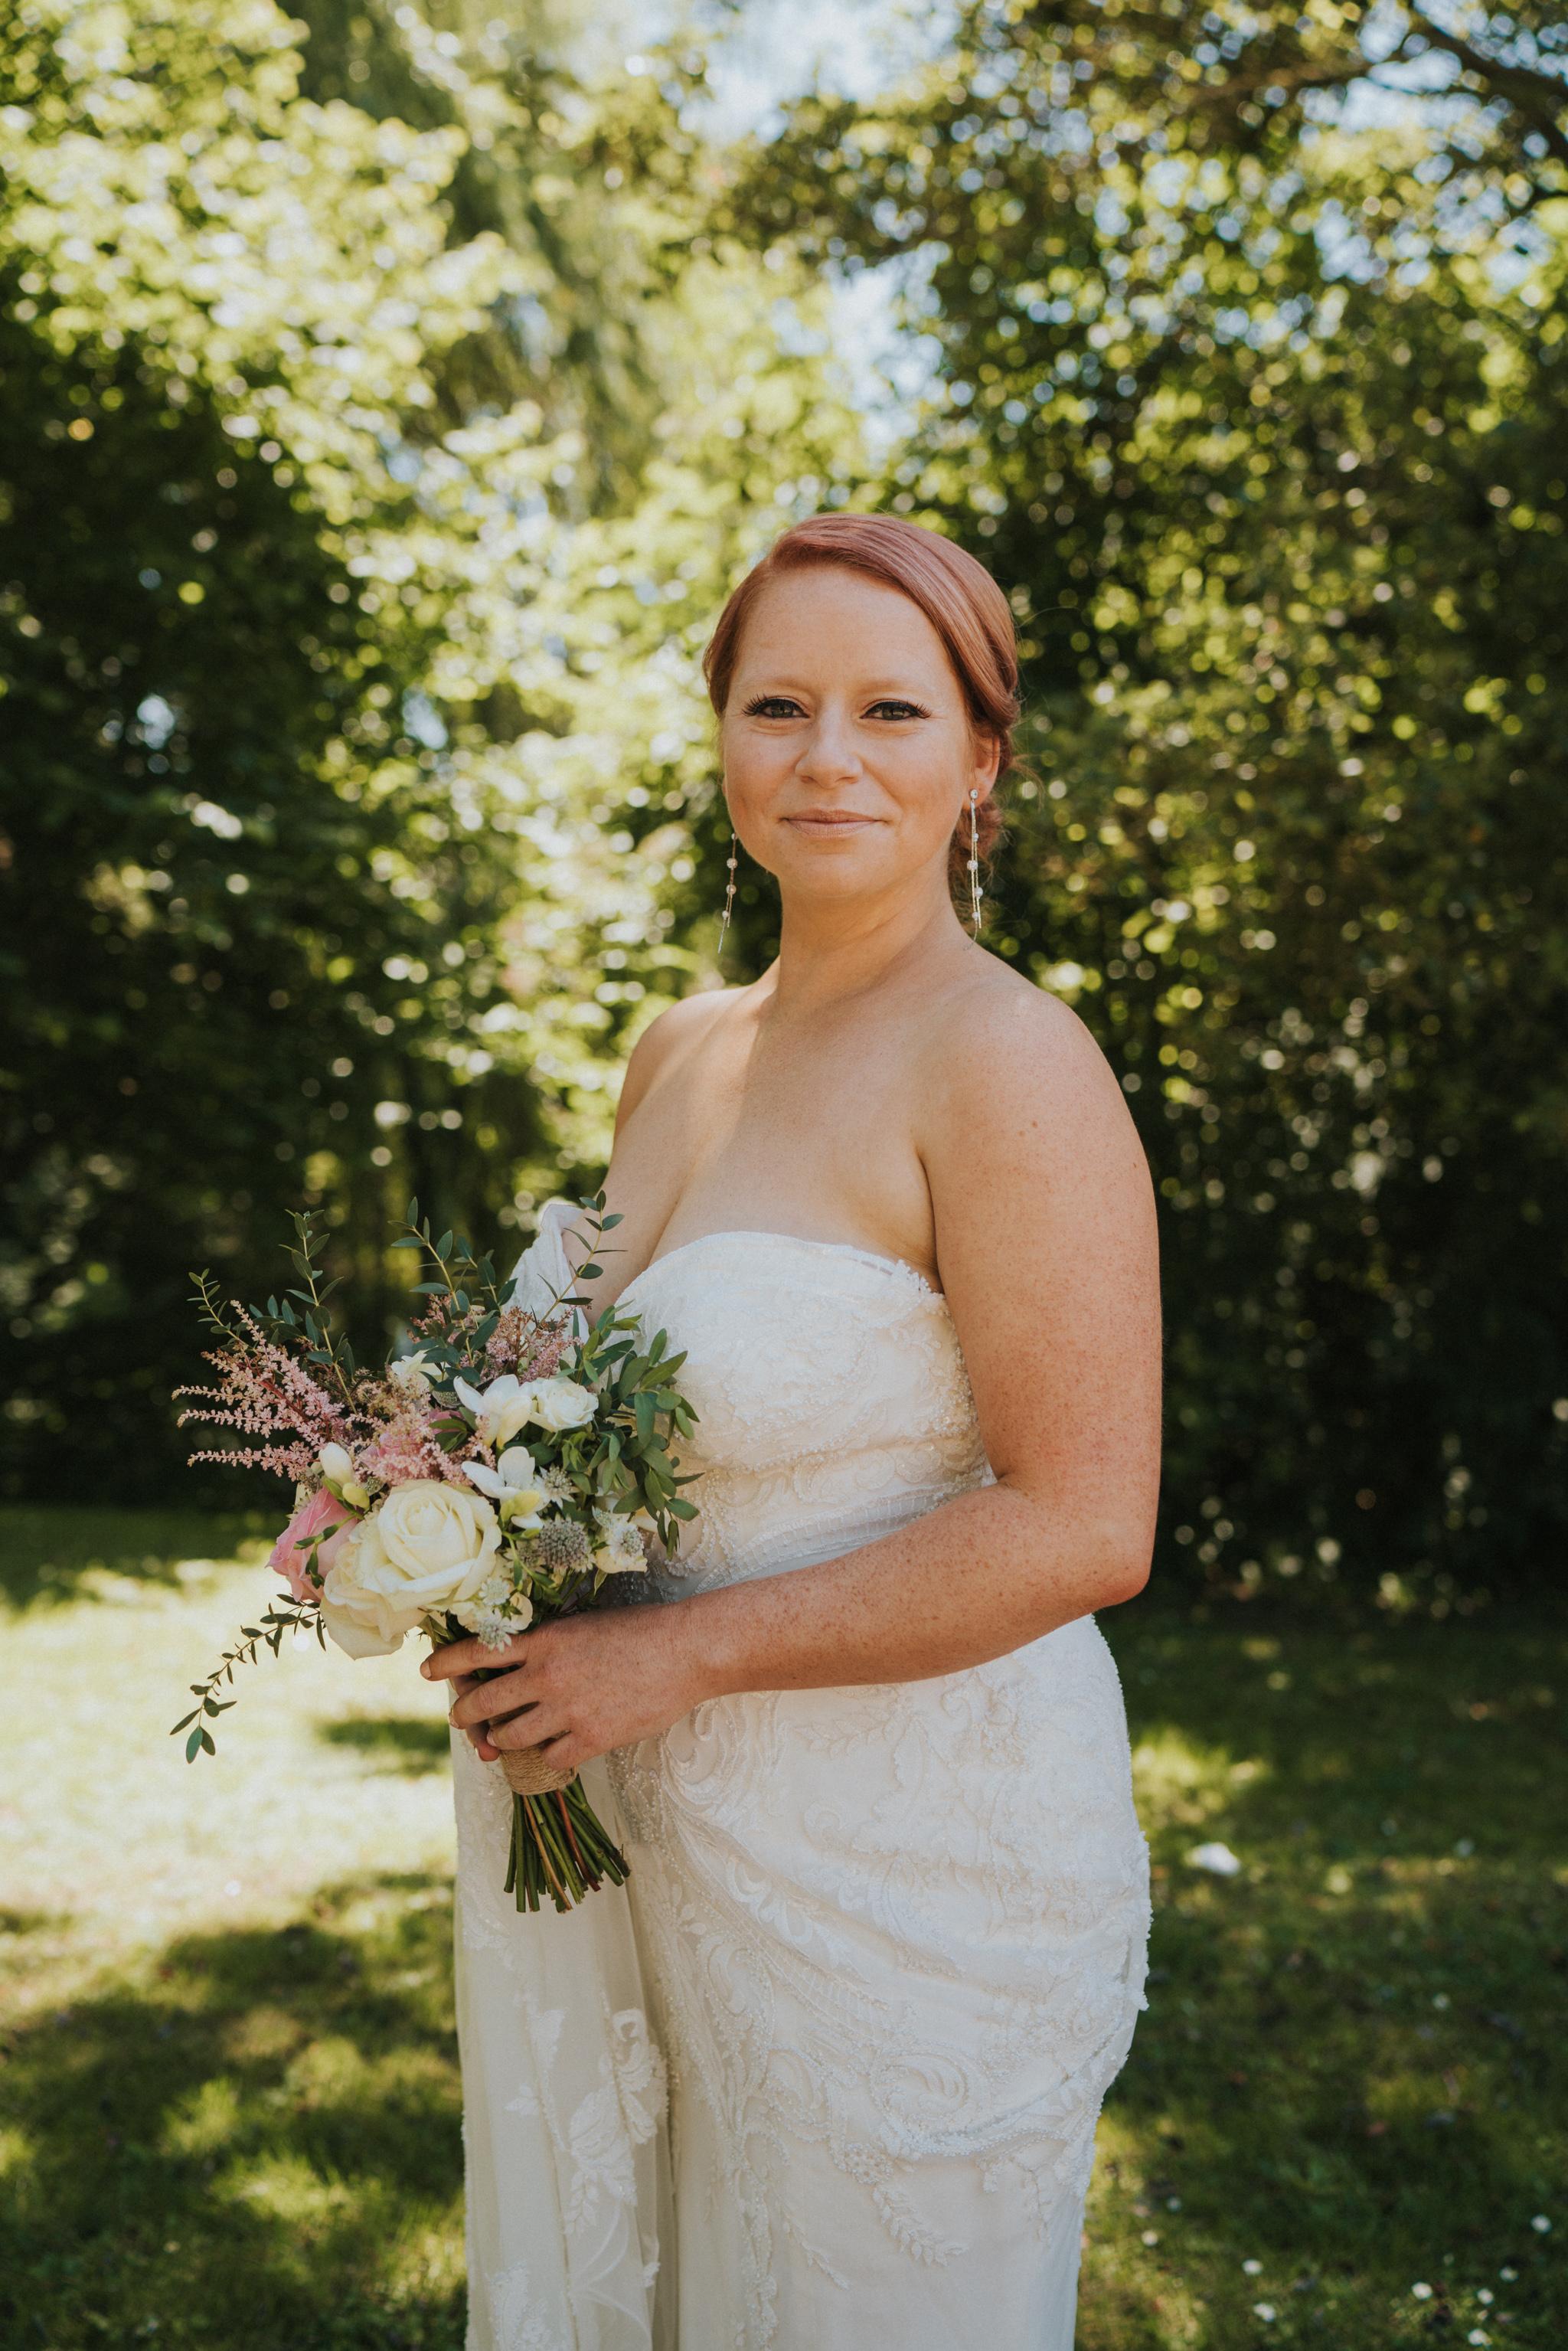 steph-neil-red-brick-barn-rochford-wedding-grace-elizabeth-colchester-essex-alternative-wedding-photographer-essex-suffolk-norfolk-devon (10 of 43).jpg